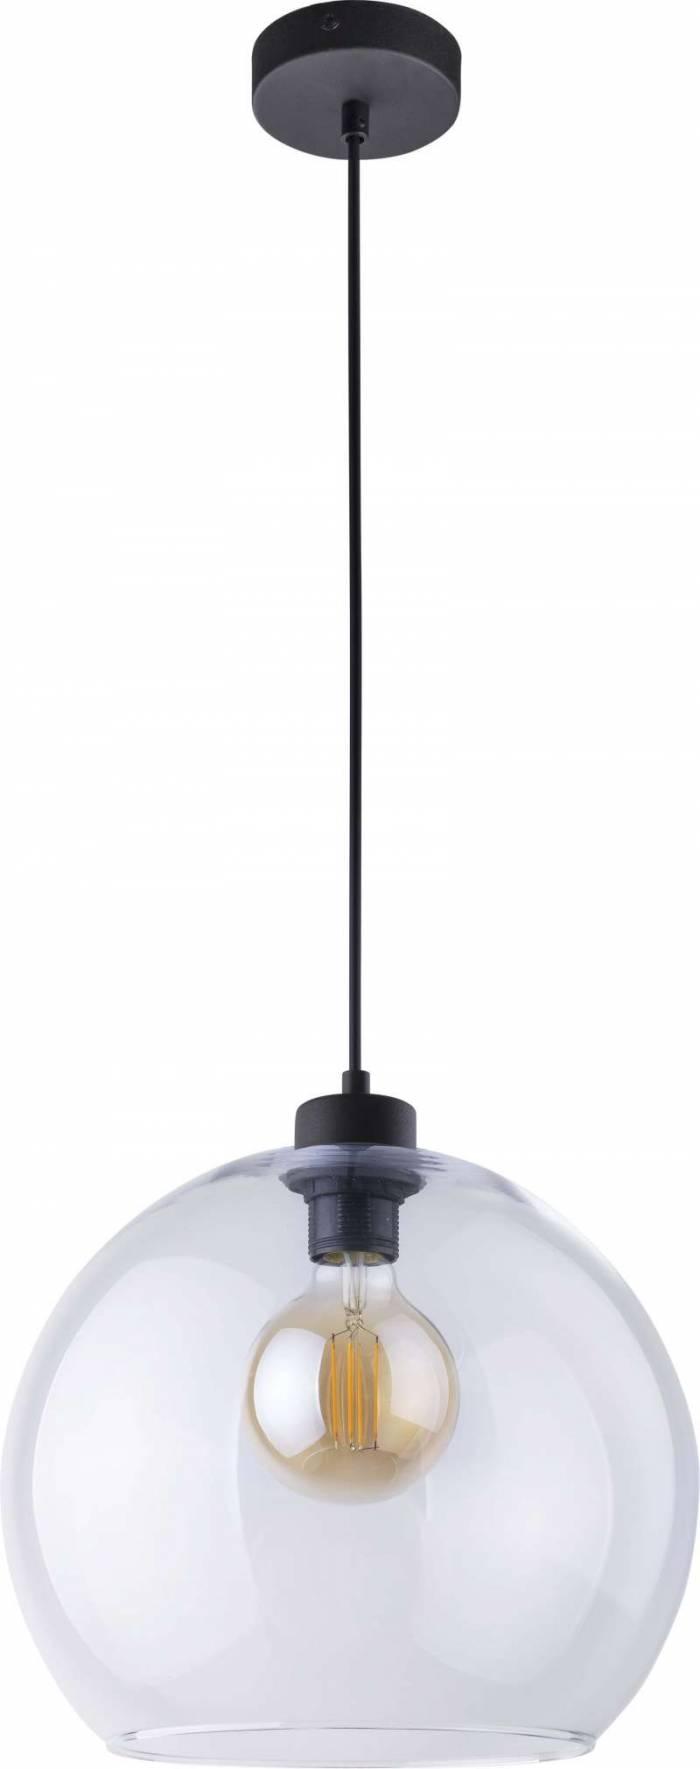 Lustră pendul Sarah , 120x30x30 cm, metal/ sticlă/ plastic, transparent/ negru